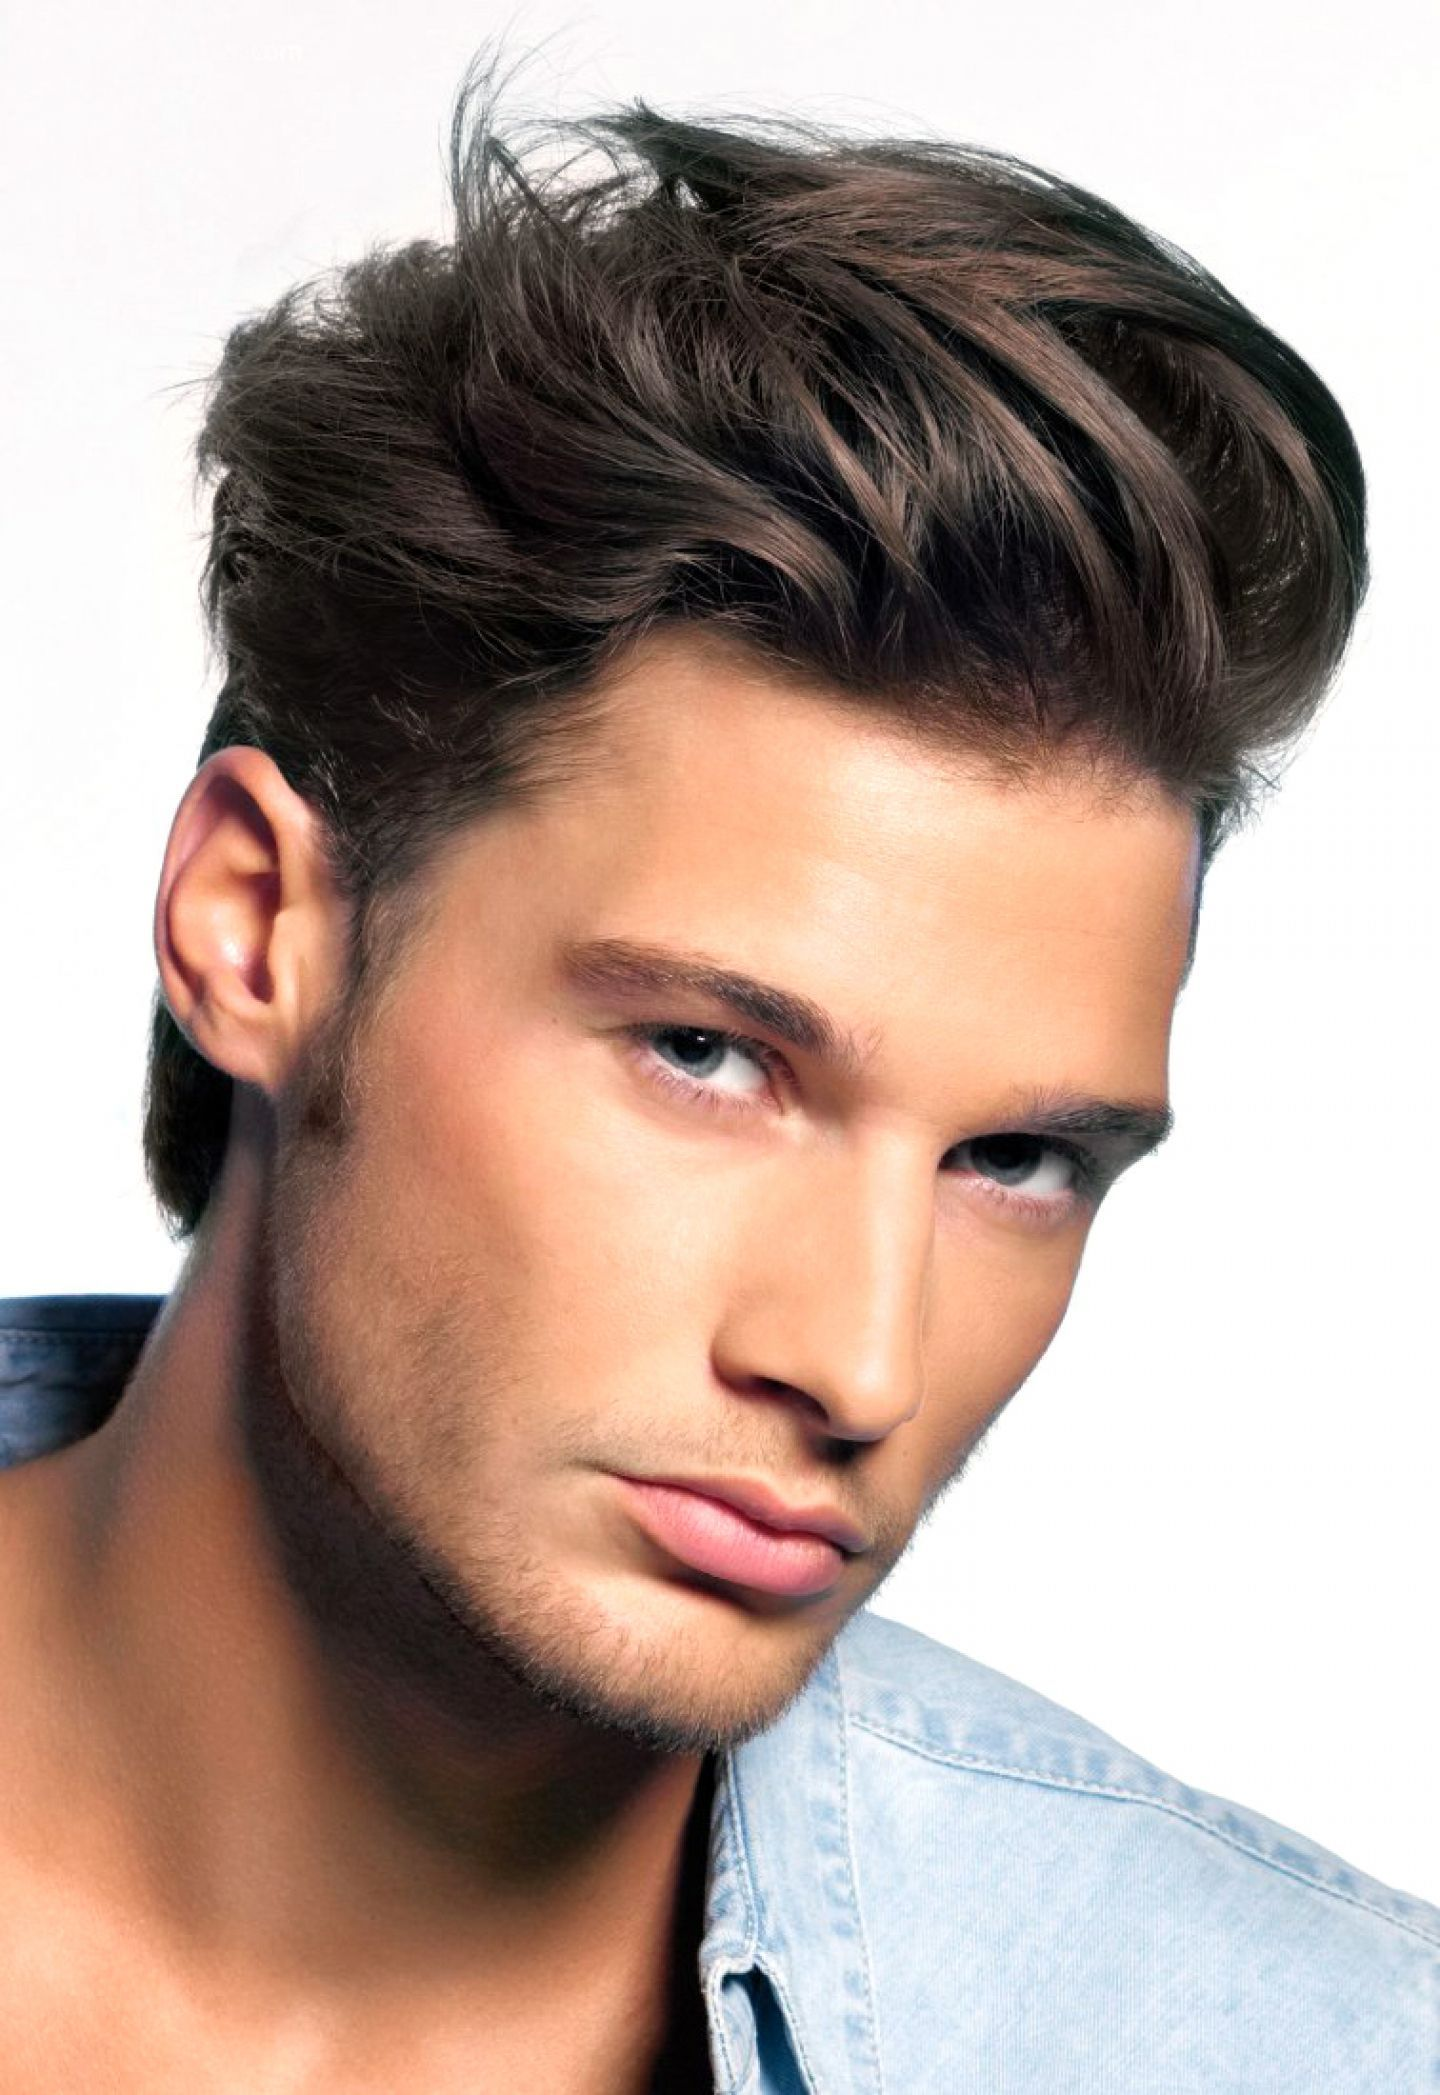 Каштановый цвет волос мужчин фото